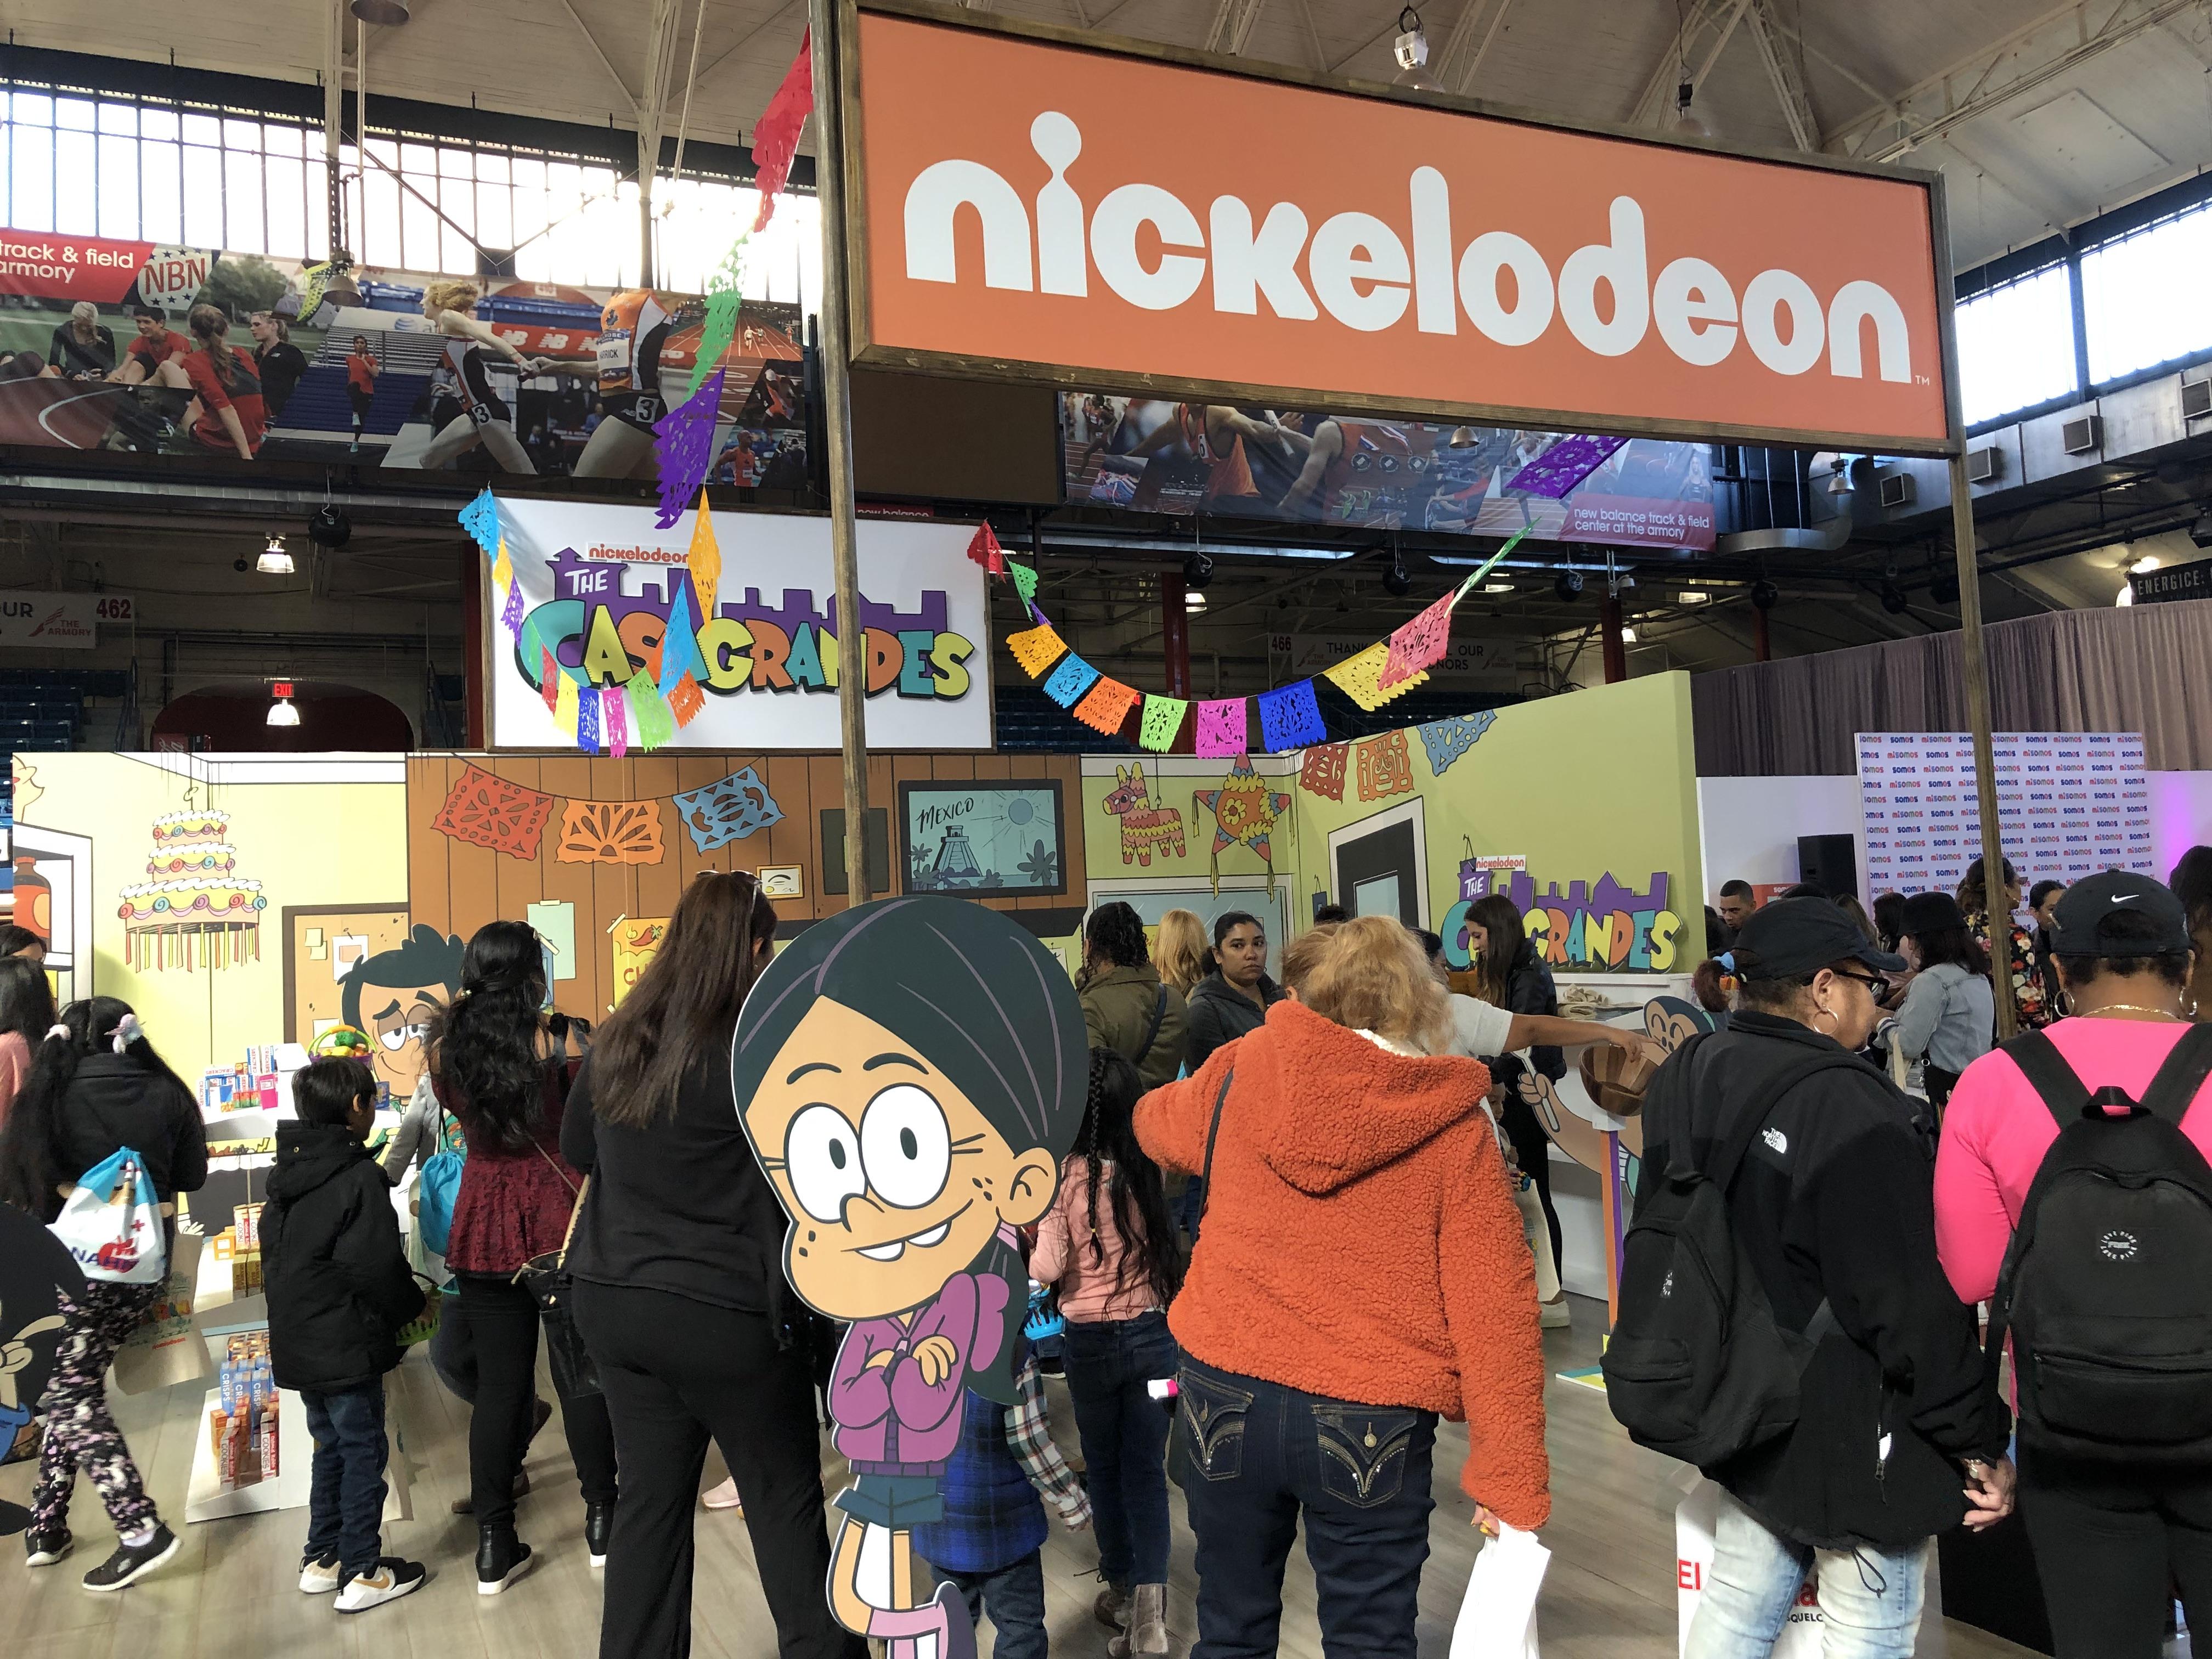 nickelodeon-2.jpg